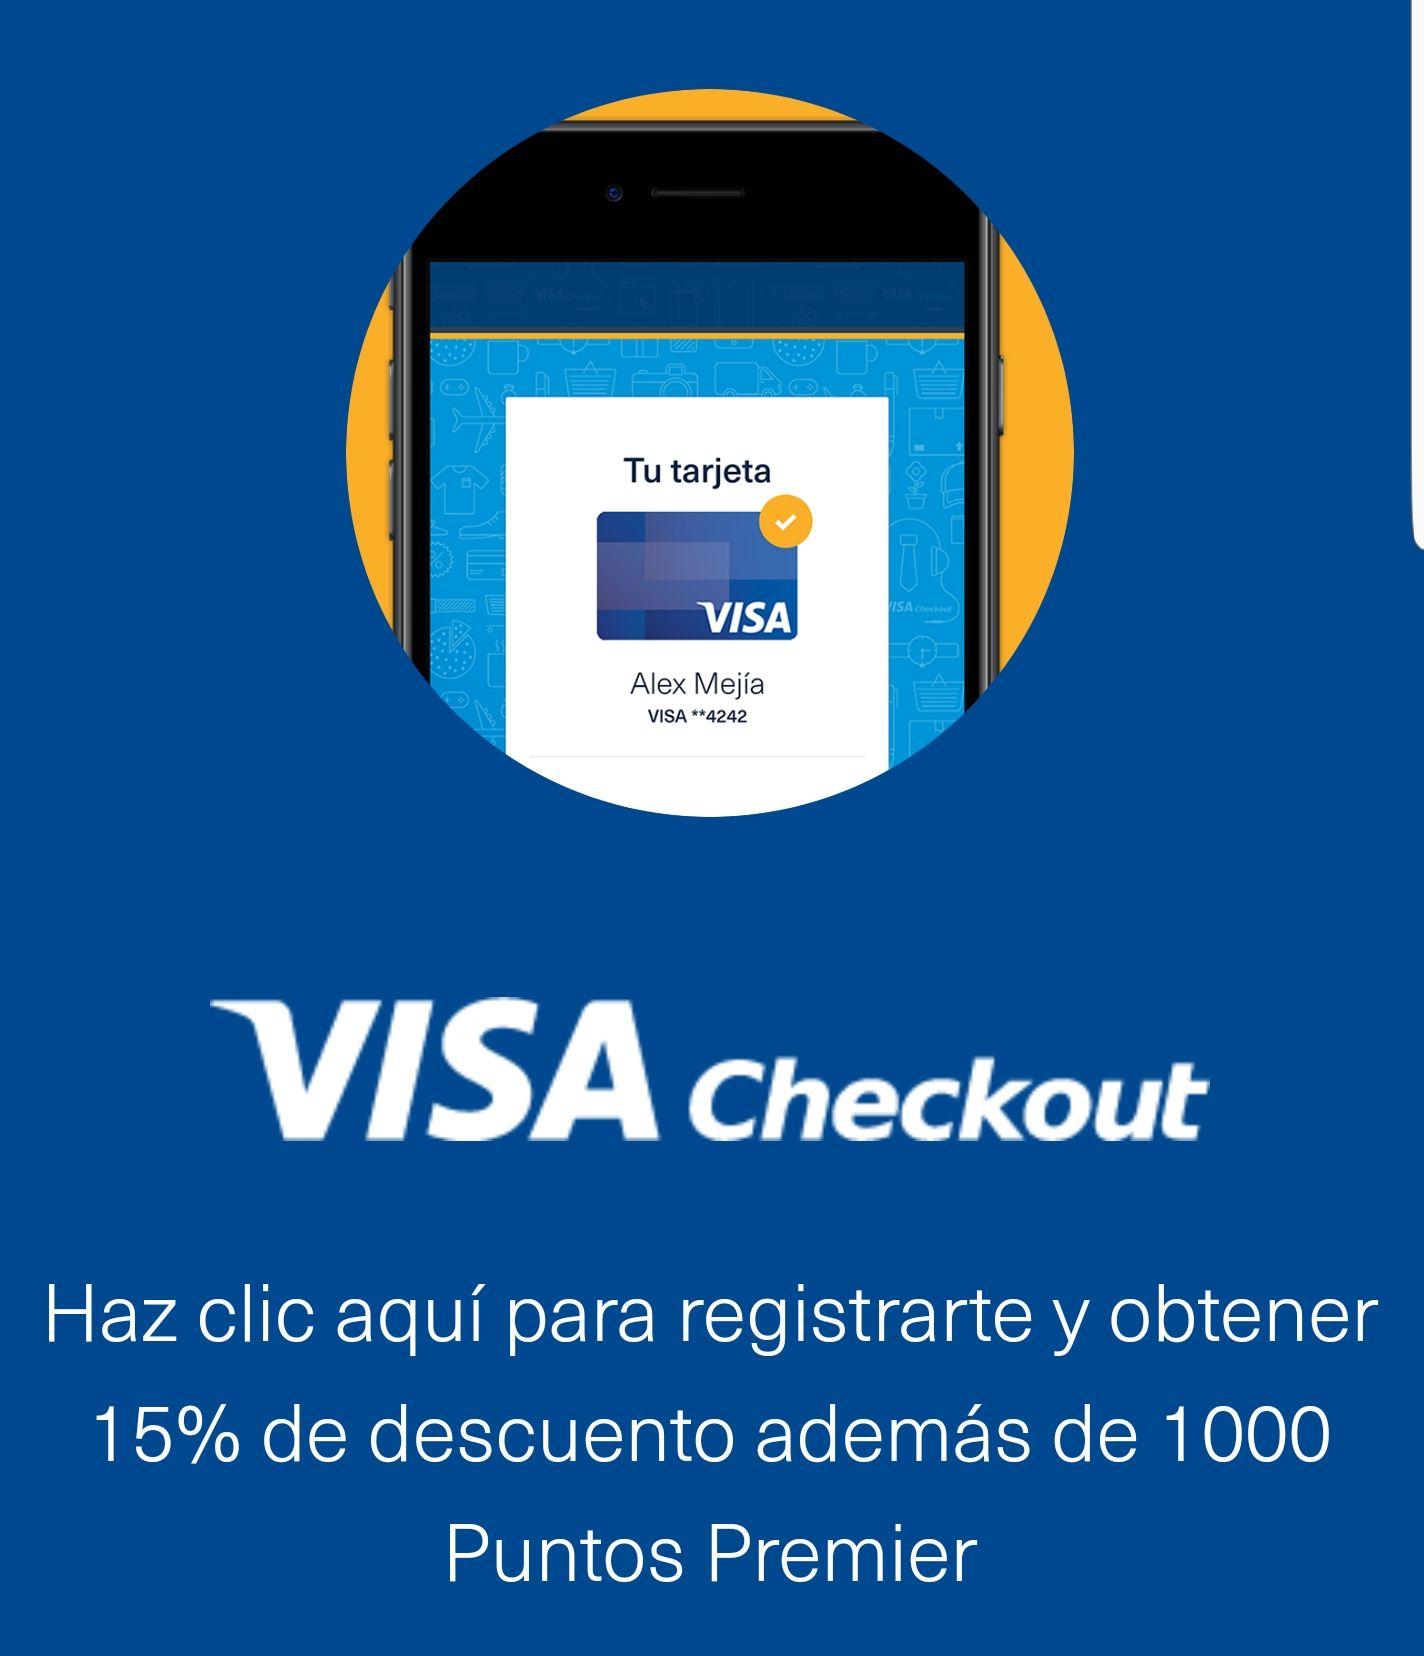 Visa Checkout y Aeromexico: 15% de descuento y 1000 puntos premiere